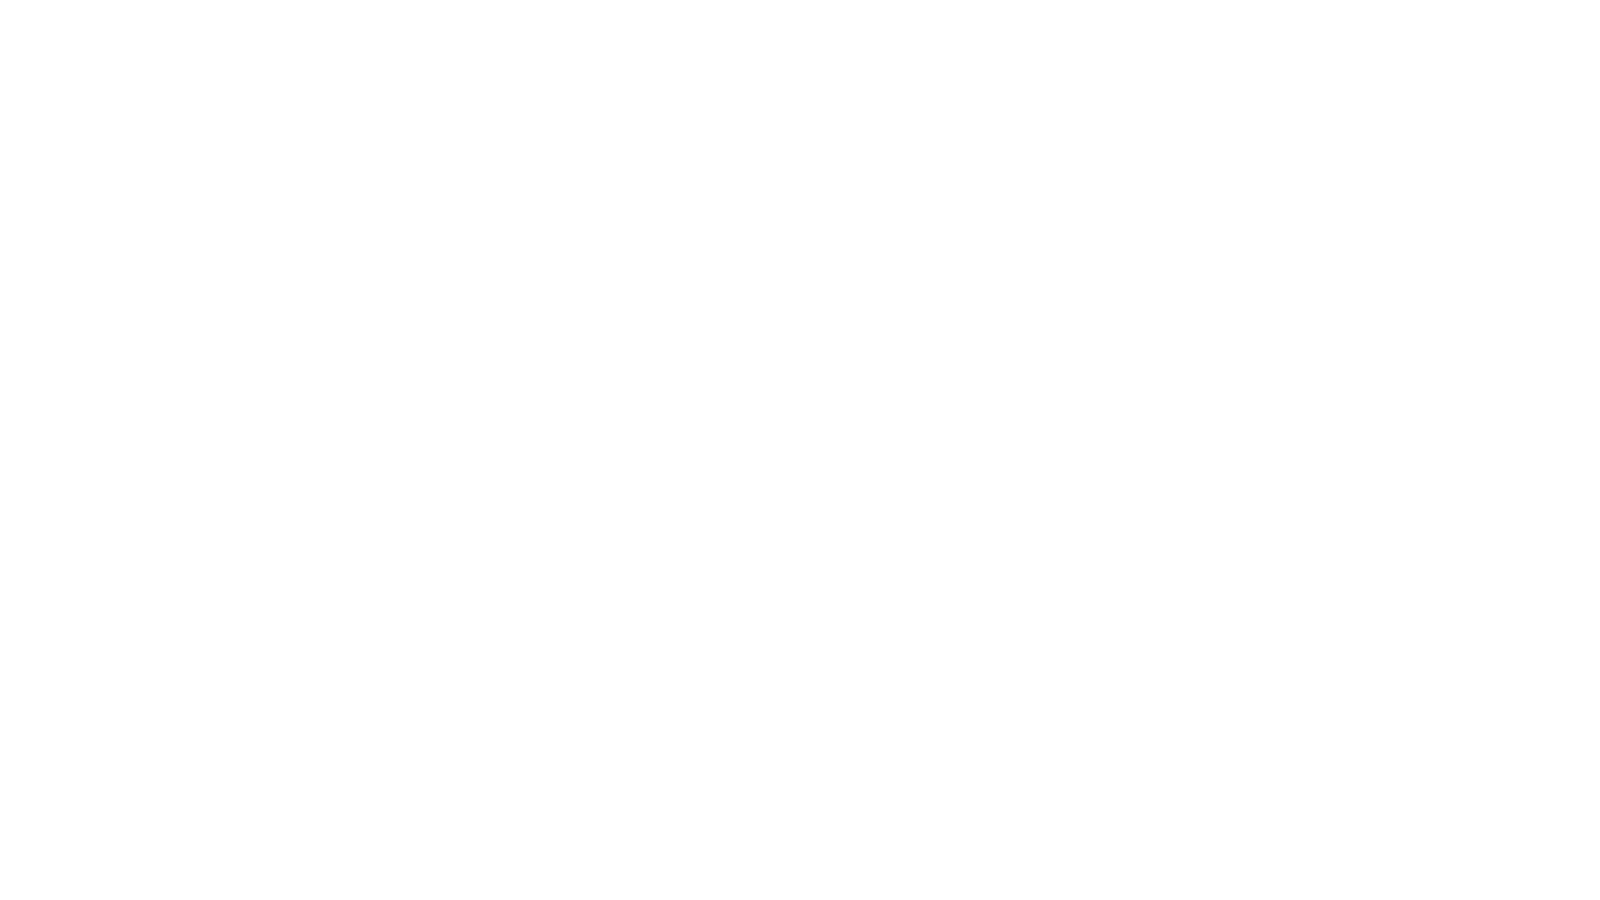 ¿Qué pueden hacer juntos antropólogos forenses, vulcanólogos, arqueólogos, neuro-genetistas, médicos y matemáticos?  Escucharemos el maravilloso relato detrás de un descubrimiento excepcional en Ercolano: neuronas convertidas en vidrio por la erupción del volcán Vesubio (Italia) en el 79 d.C. (¡La misma de la historia de Pompeii)  ¿Qué significa haber encontrado restos de un cerebro humano de 2,000 años convertido en vidrio por una erupción volcánica? ¿Qué hay detrás de la curiosidad que impulsa la pasión por el conocimiento? ¿Cómo emerge el espíritu de indagación durante una investigación científica? ¿Qué aprendemos del trabajo interdisciplinar?    Acompáñenos en este evento junto a los profesores Guido Giordano, Alessandra Pensa y Alessandro Vona (Univesitá degli Studi di Roma, Roma-tre)   El Instituto Italiano de Cultura en Colombia, el Portafolio de Ecología Histórica y Memoria Social (EHMS) de Vicerrectoría de Investigación y Creación de la Universidad de Los Andes y la Asociación Latinoamericana de Vulcanología (ALVO), le invita a ser parte de este evento dentro del marco de la Jornada de Investigación Científica Italiana y su contribución al mundo.